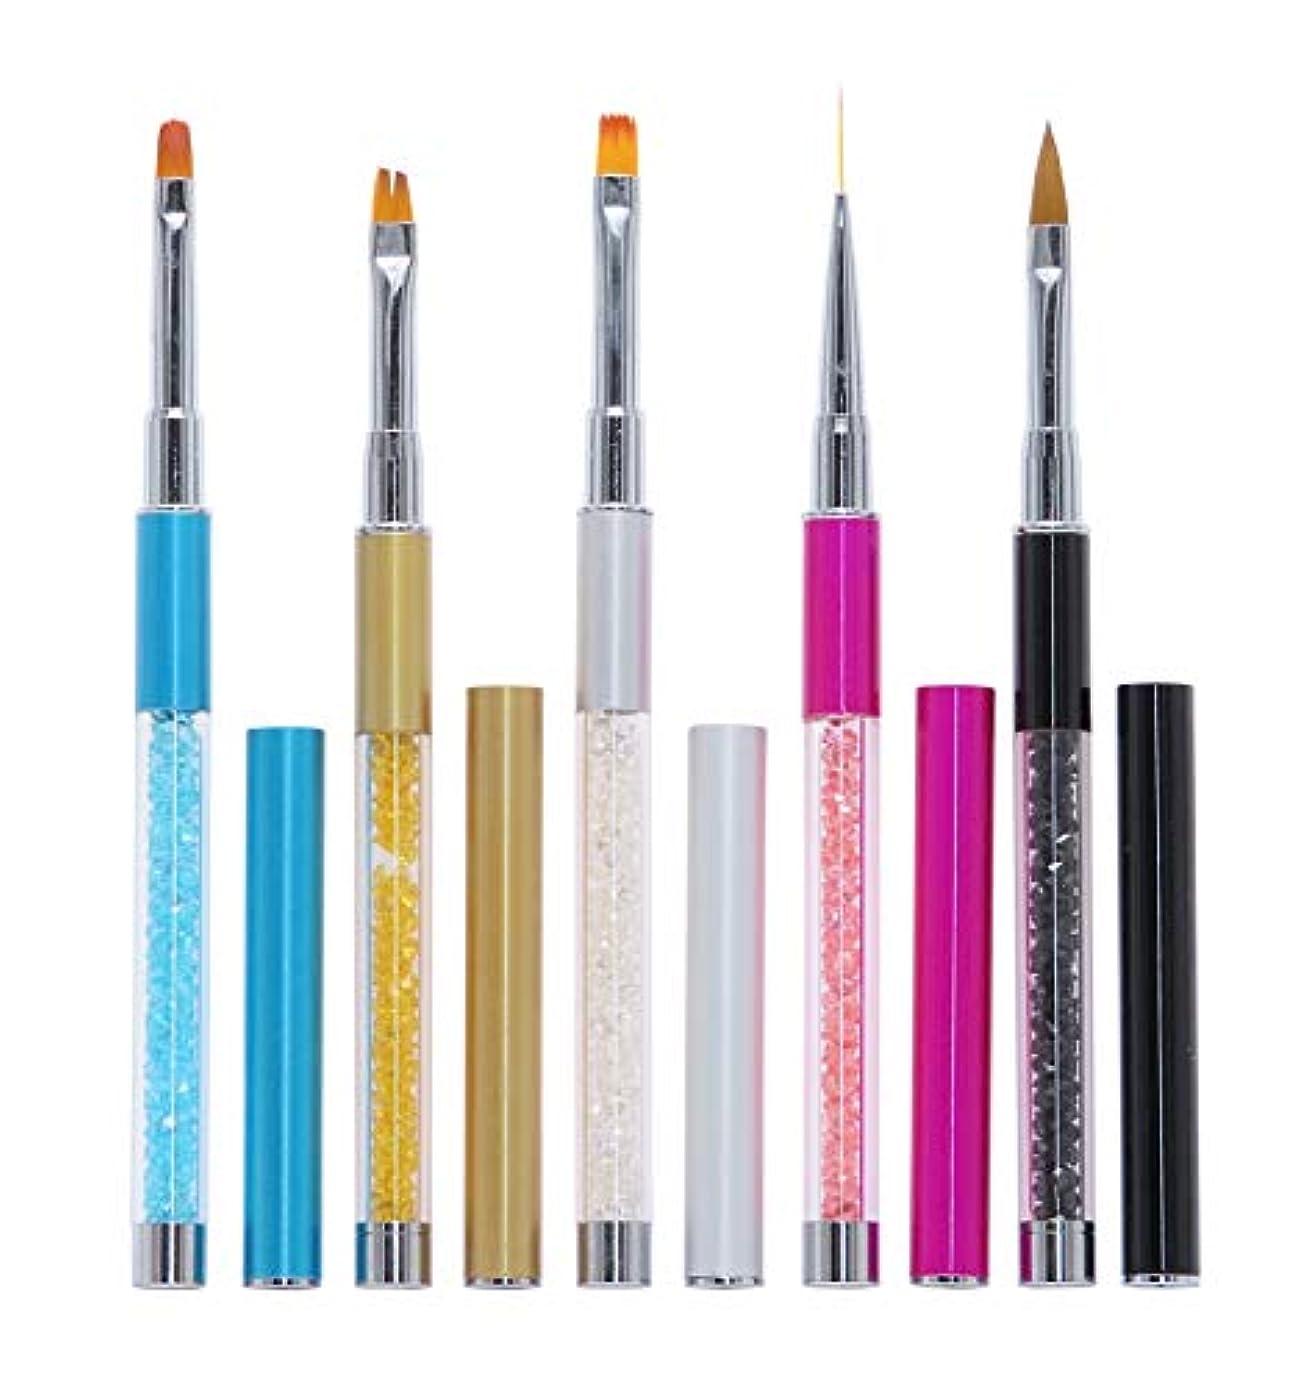 供給減少恐怖症Paraizo ネイルアートペン 5本セットネイルアートブラシ マニキュアツールキット ネイルブラシセット ネイルツール ネイル用品 アクリル UV用 キャップ付き